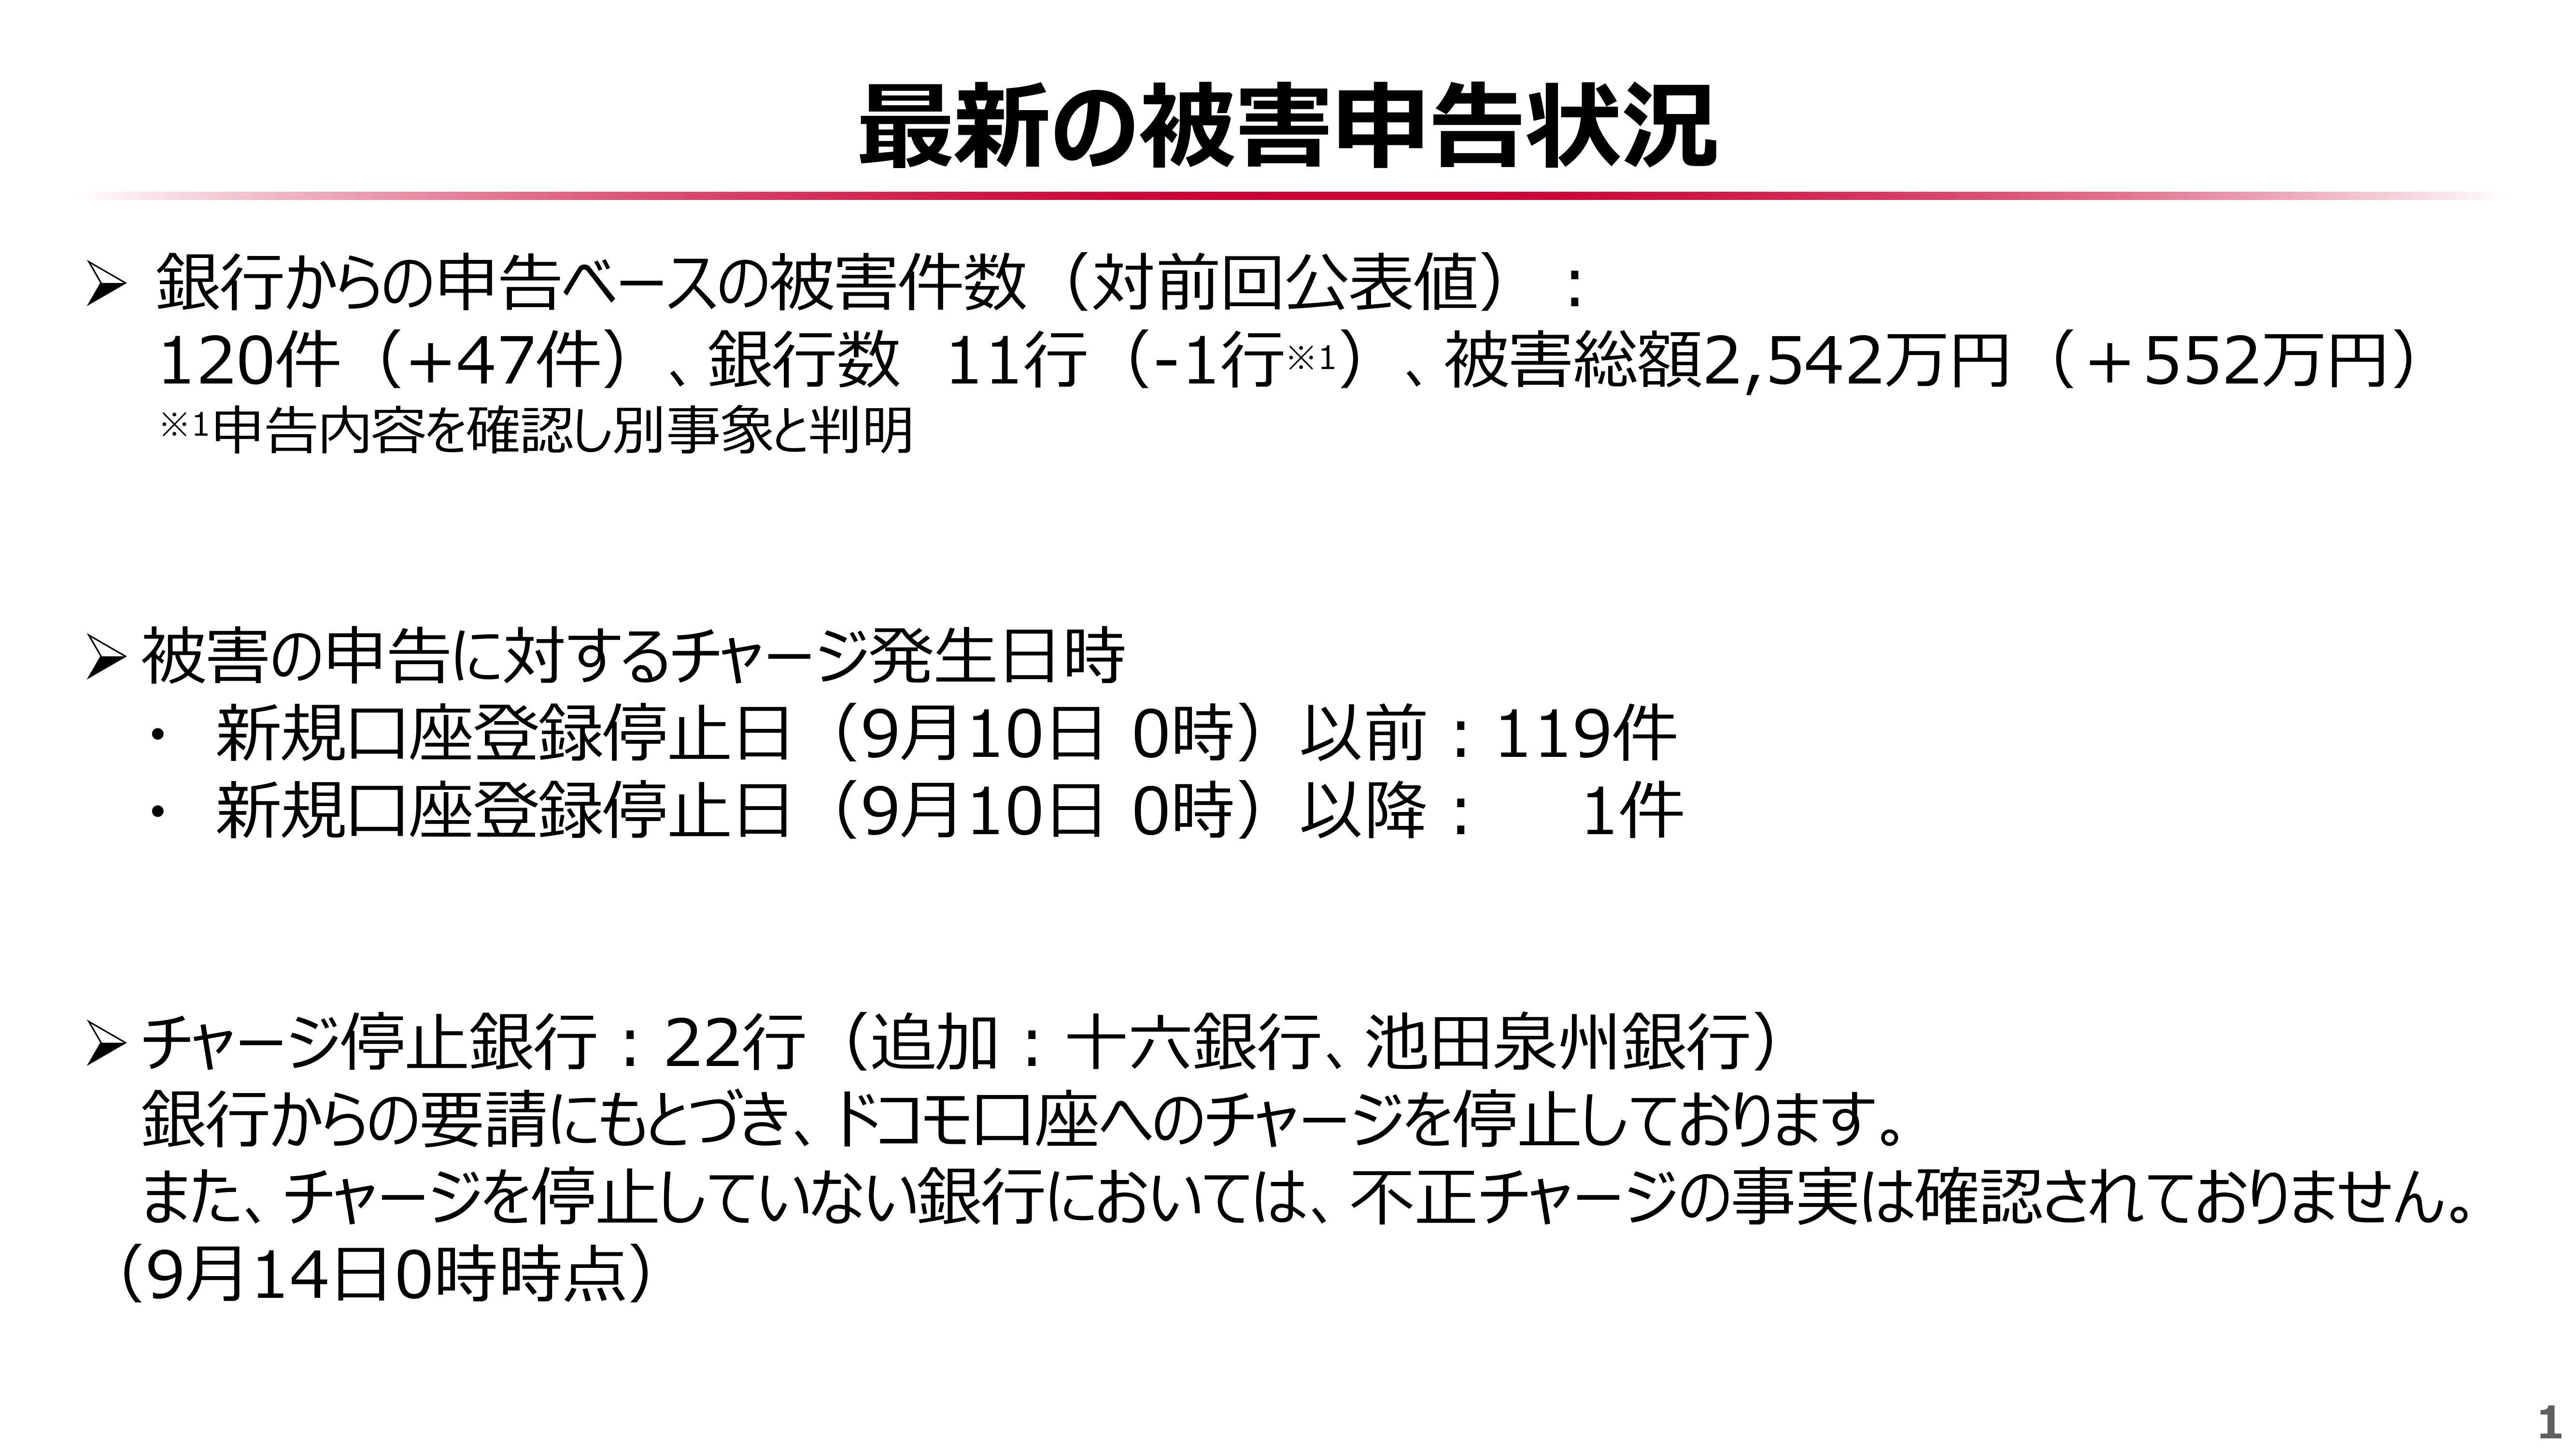 被害額は2542万円に、「ドコモ口座」不正利用についてドコモが現状と ...